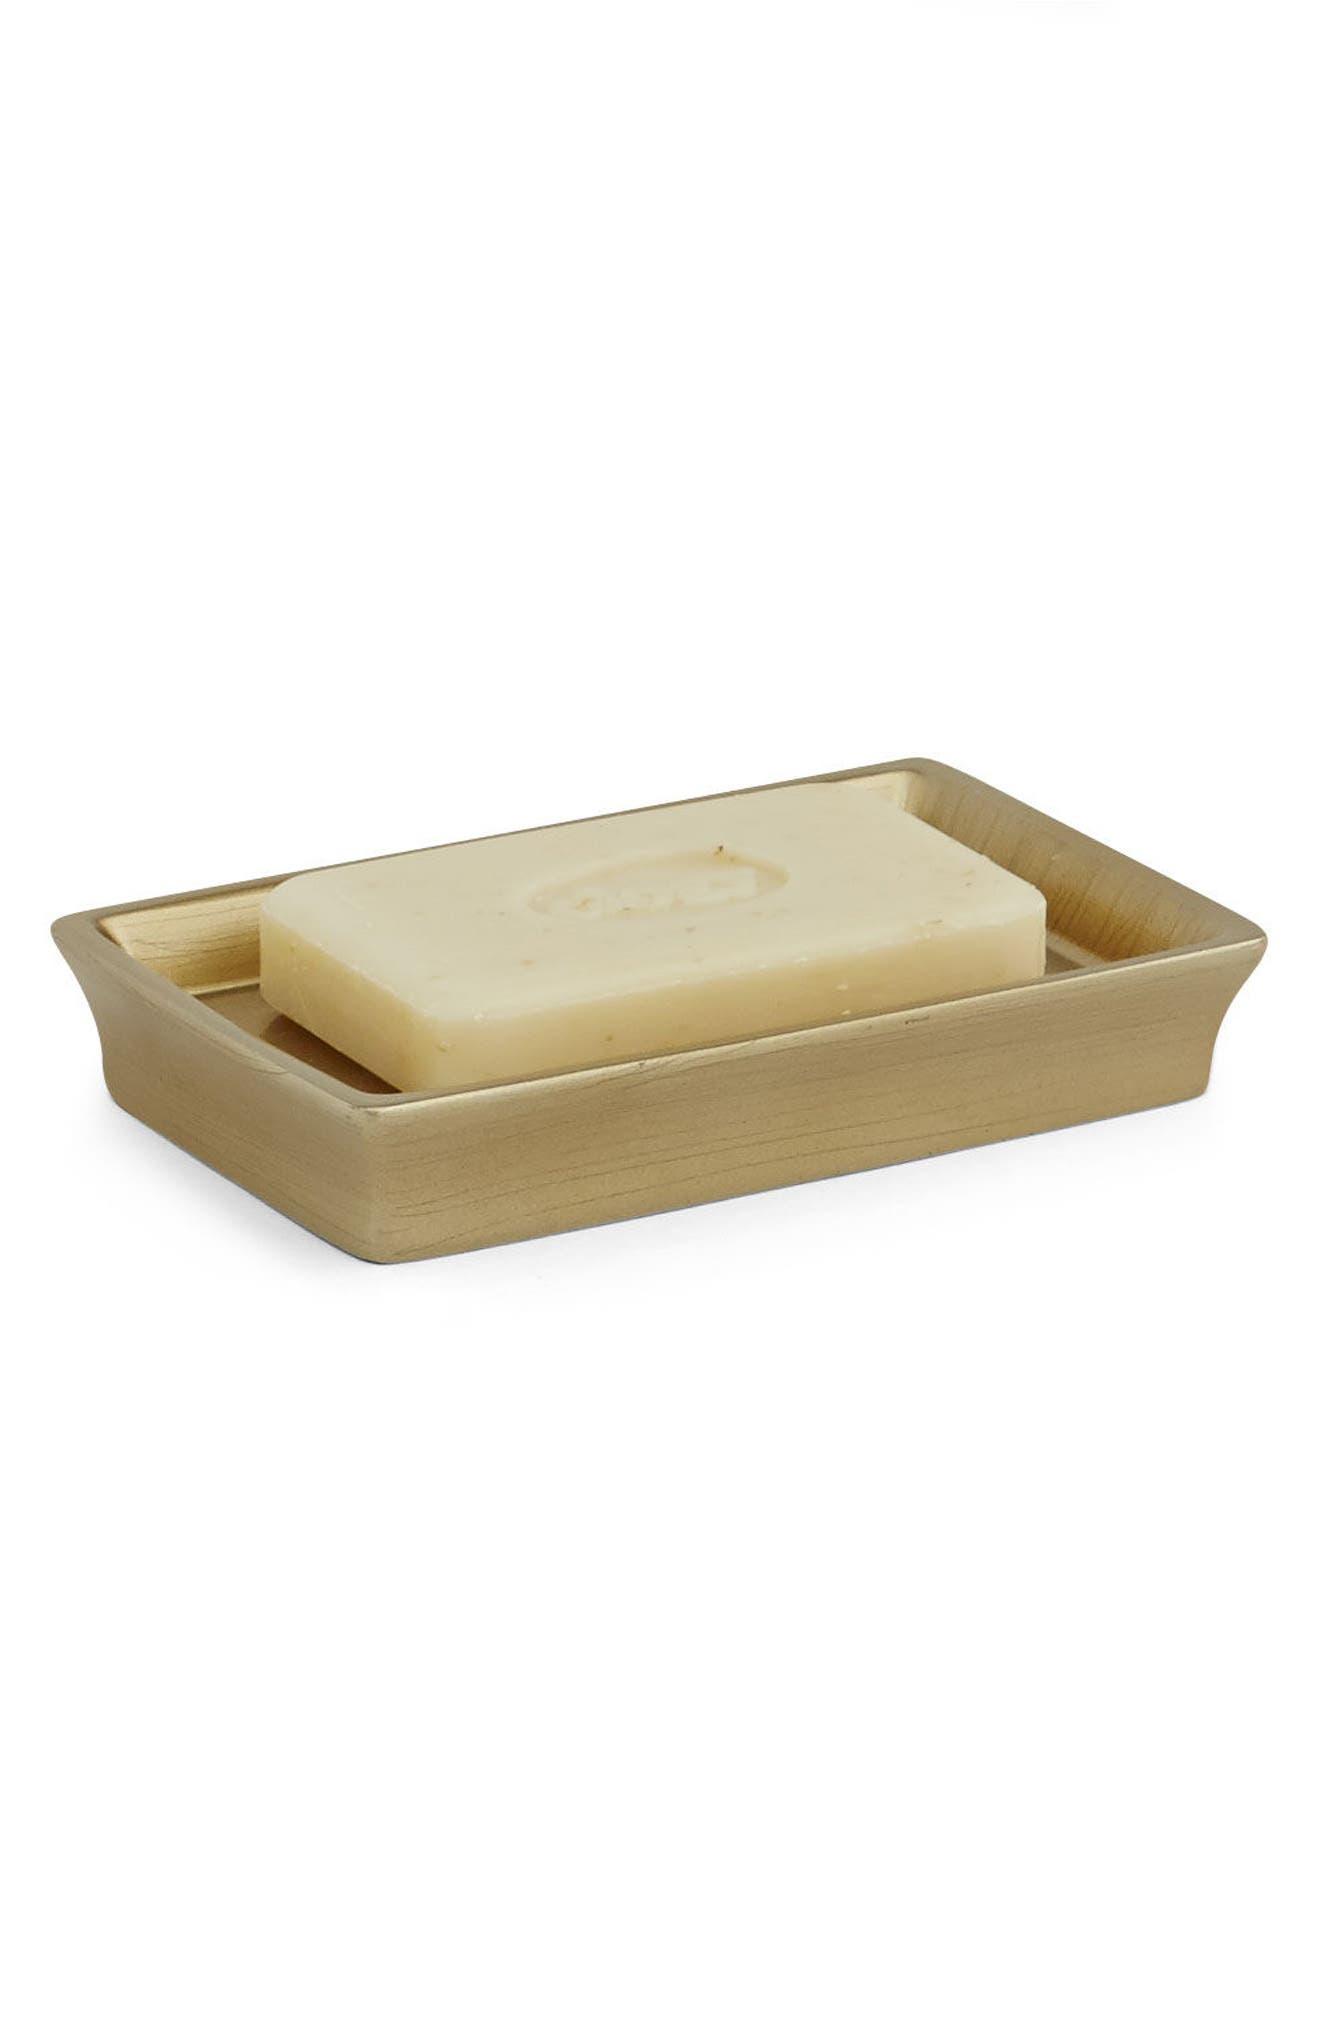 Alternate Image 2  - Paradigm Trends Cooper Soap Dish